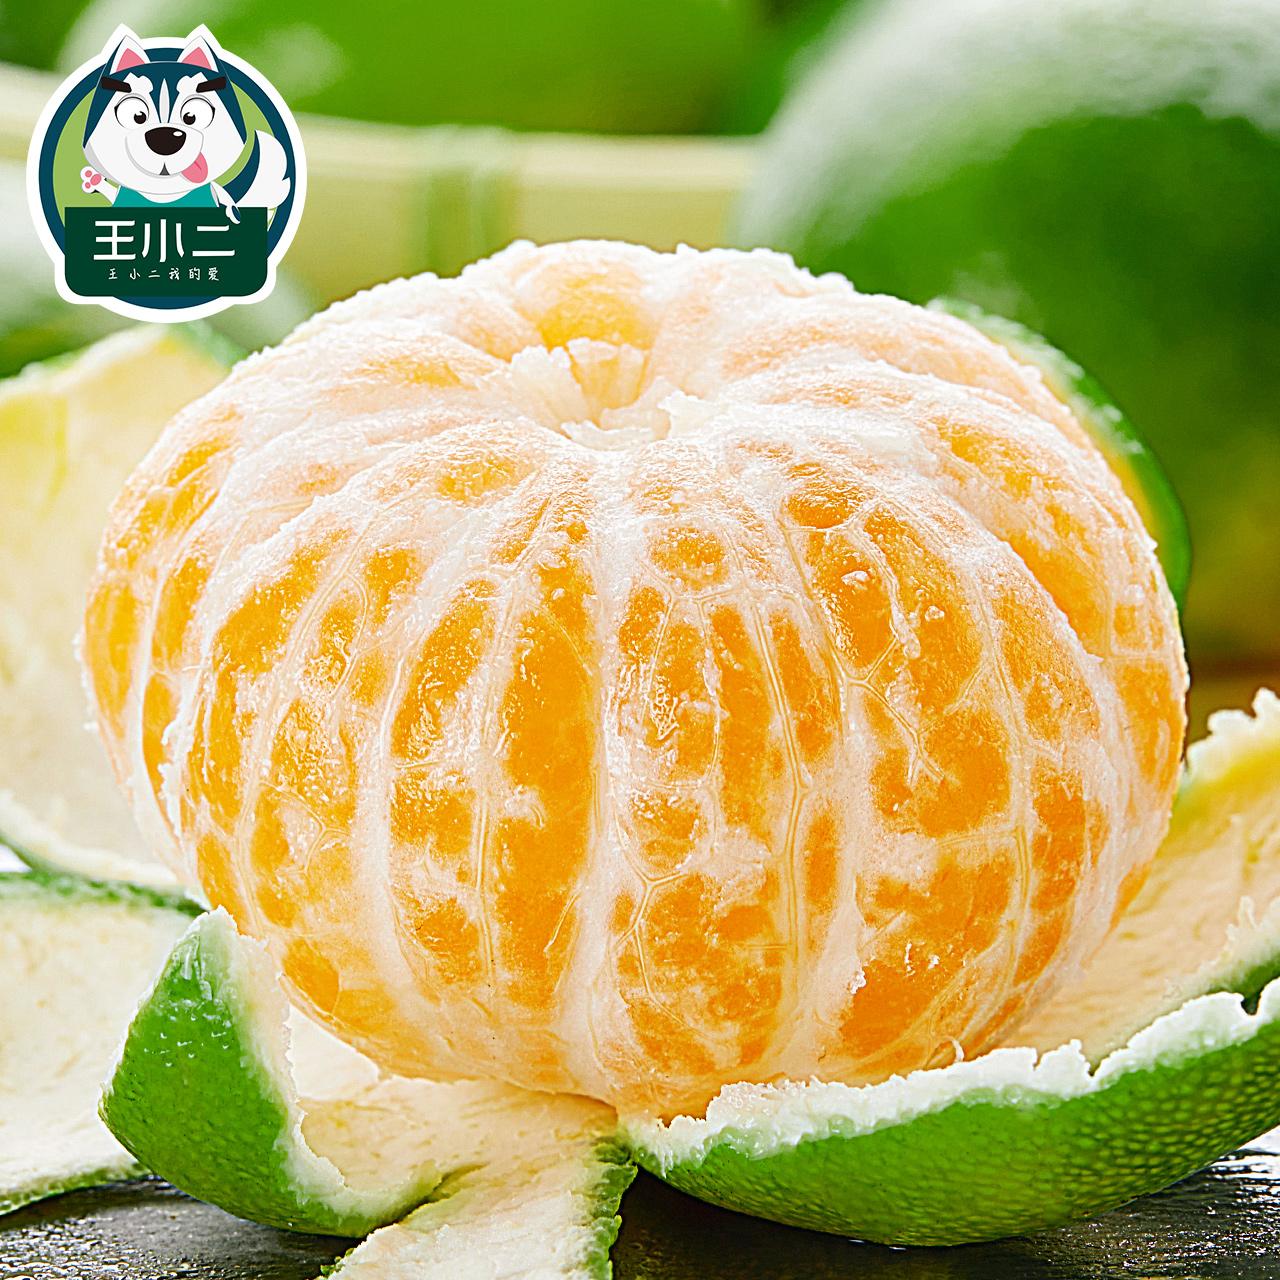 王小二 云南青皮蜜桔新鲜水果包邮橘子整箱桔子应季特产10斤蜜橘